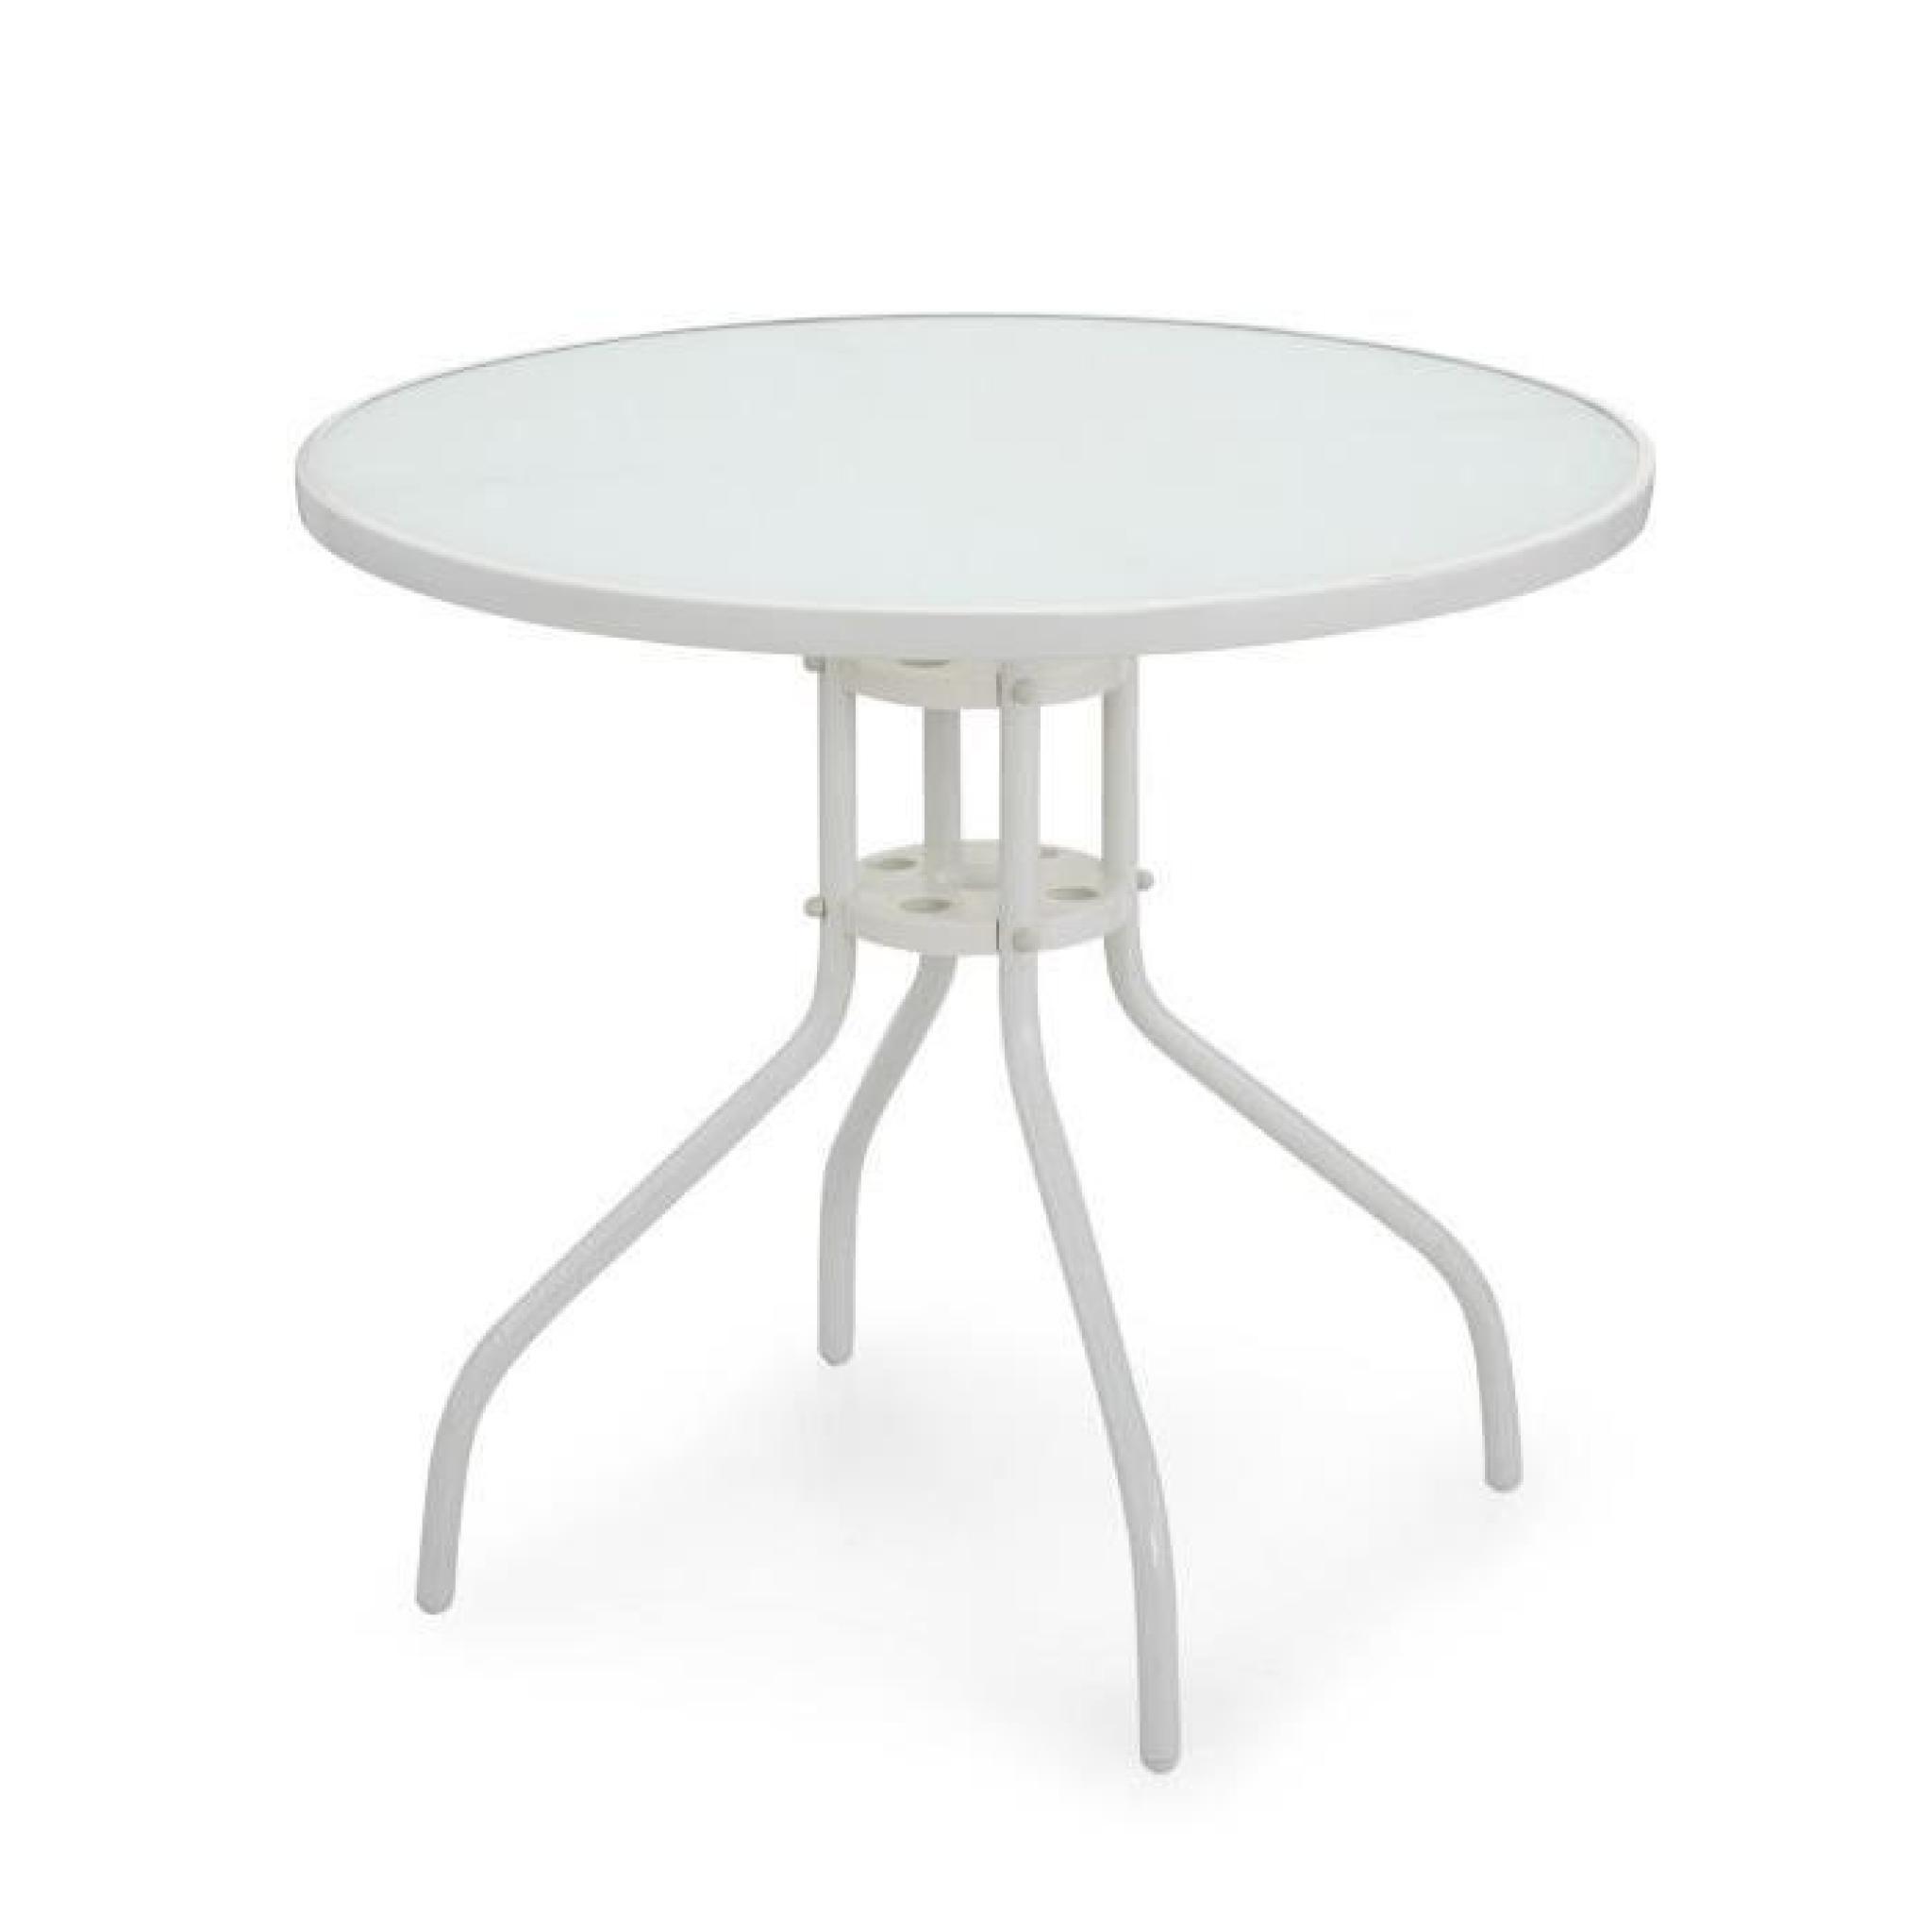 Livia Table de jardin blanche en acier et verre - Blanc